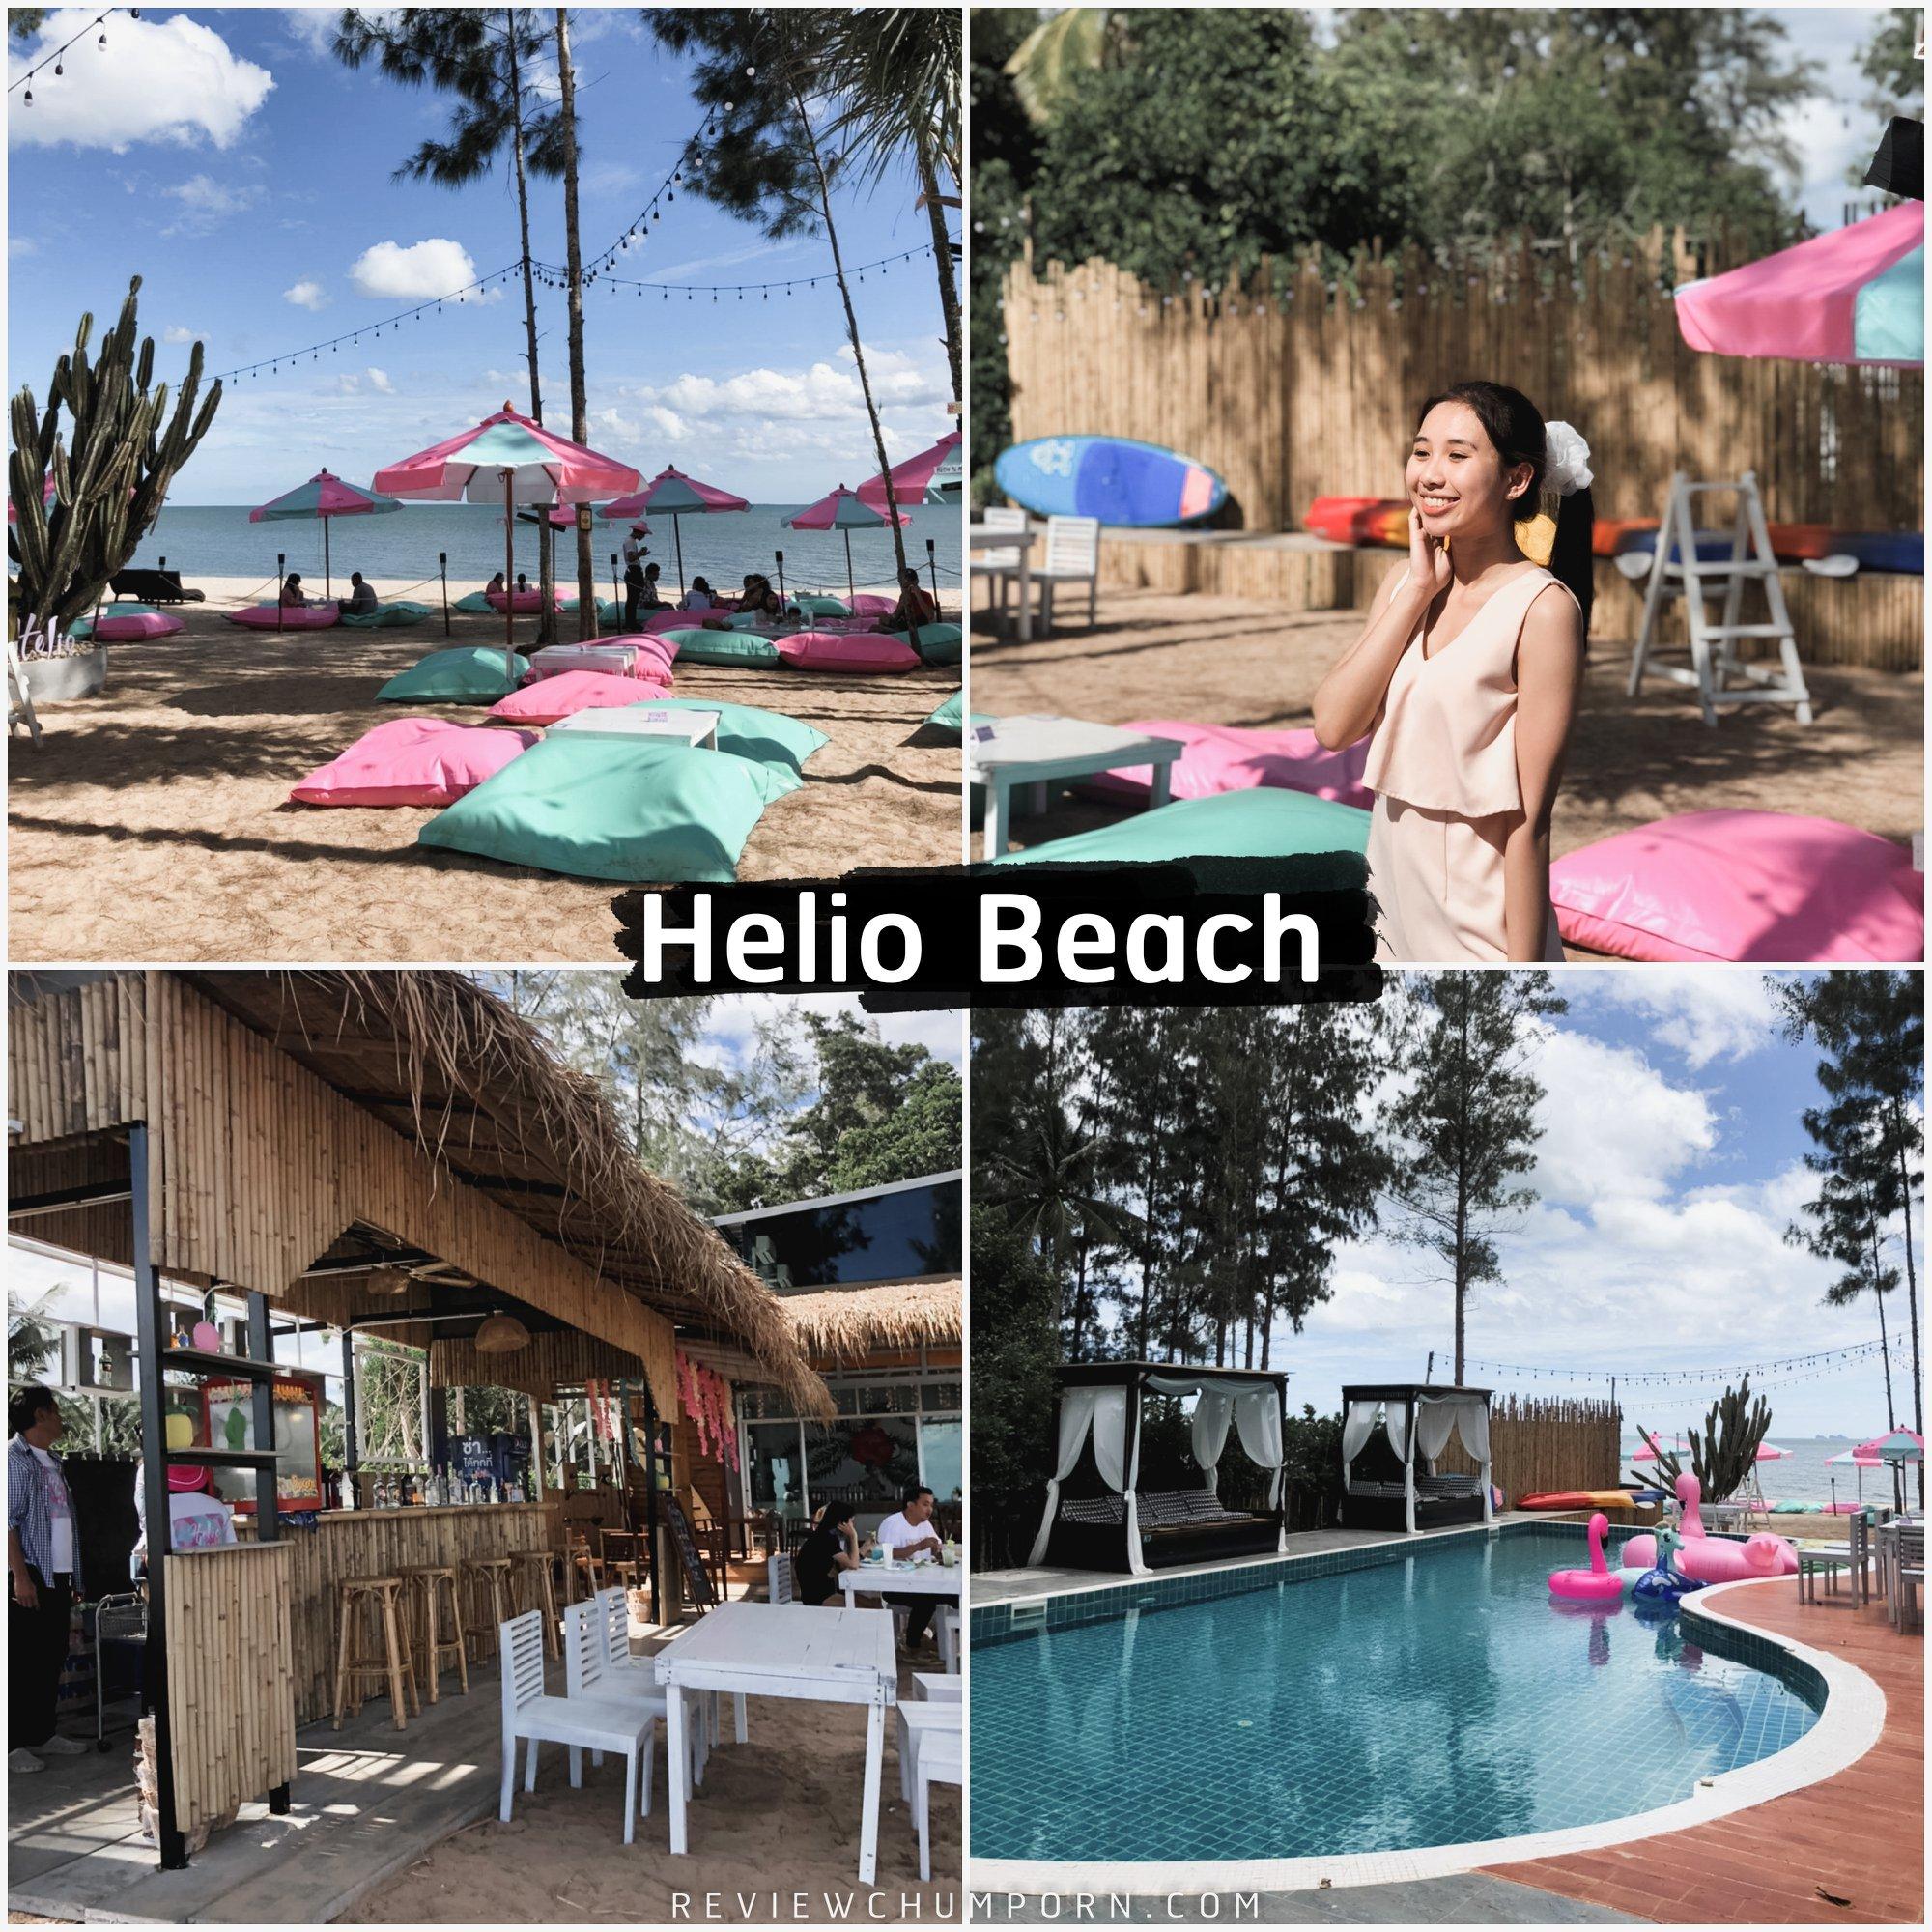 จุดเช็คอินเด็ดๆพลาดไม่ได้กับ-Helio-Beach-Club-วิวดี-อาหารอร่อยและจุดถ่ายรูปเพียบบ คลิกที่นี่ ชุมพร,จุดเช็คอิน,สถานที่ท่องเที่ยว,ของกิน,ร้านอาหาร,คาเฟ่